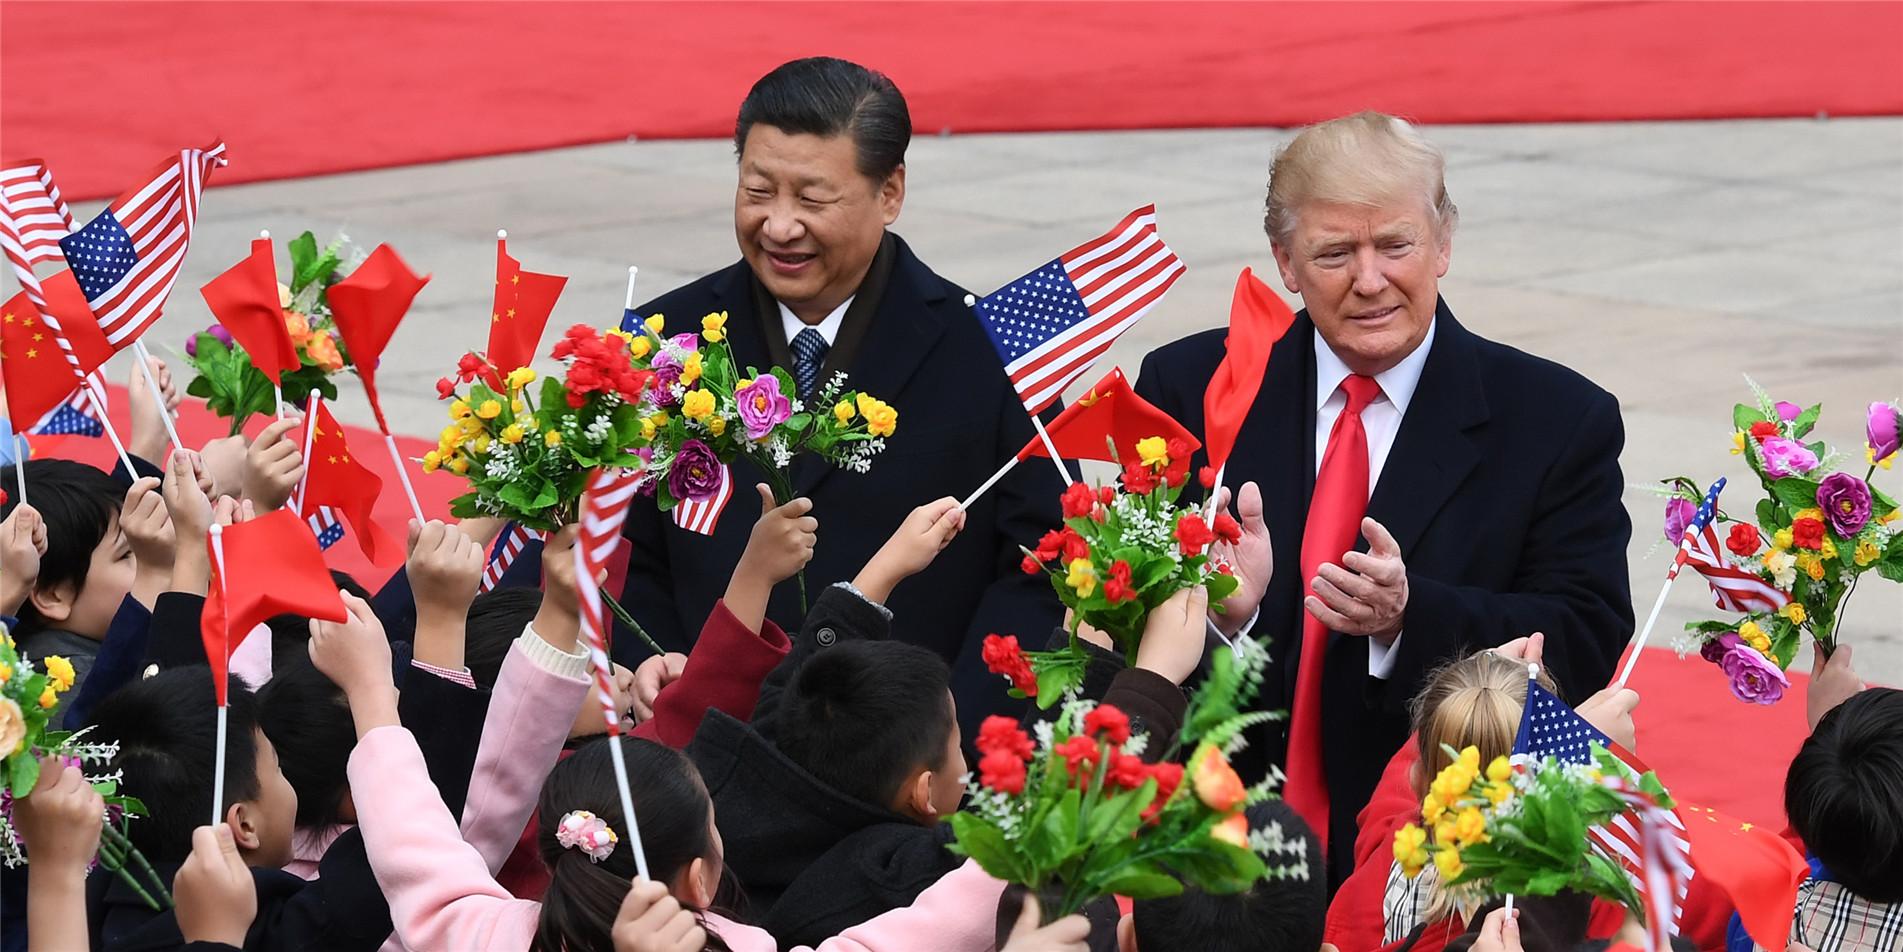 合作是中美兩國唯一正確選擇,共贏才能通向更好未來。